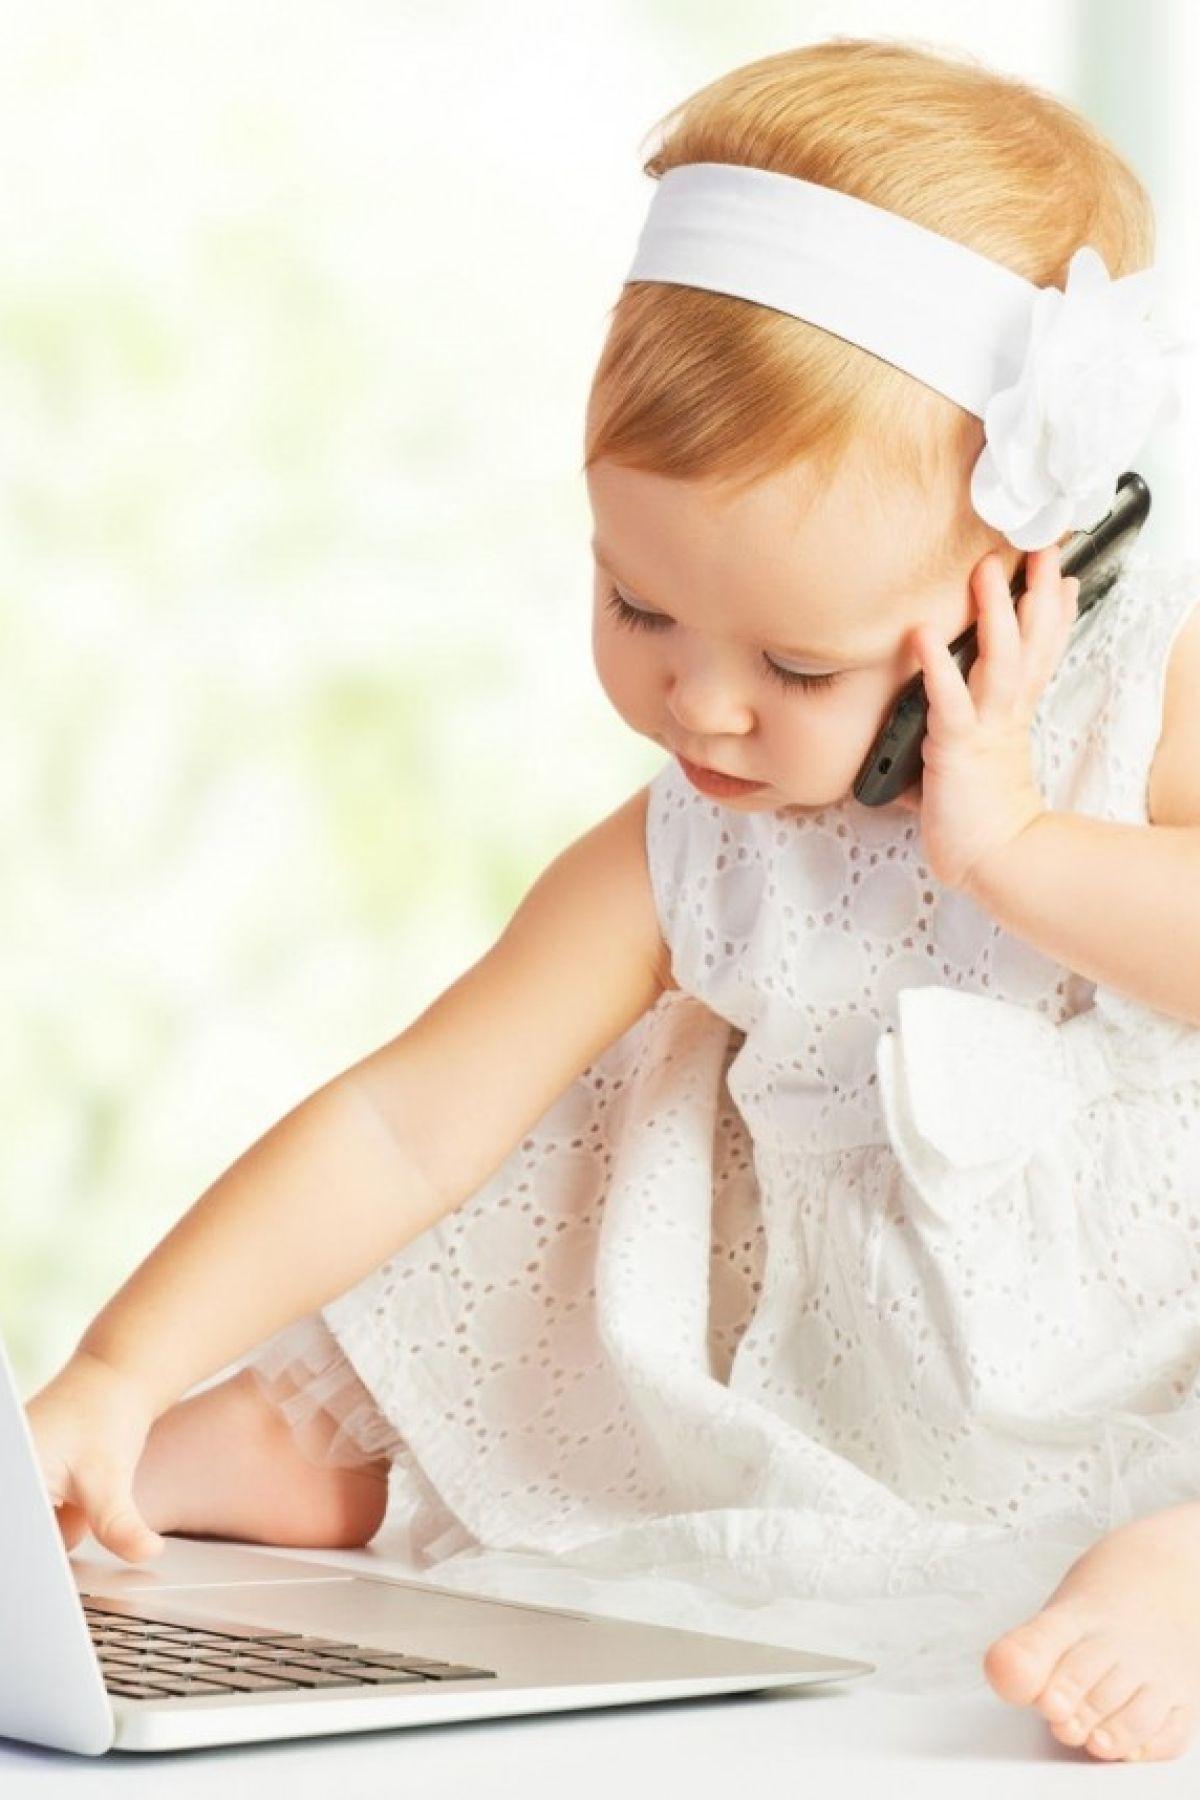 IPad, tablet, laptop ili smart telefon mogu ozbiljno da naškode detetu uzrasta do tri godine